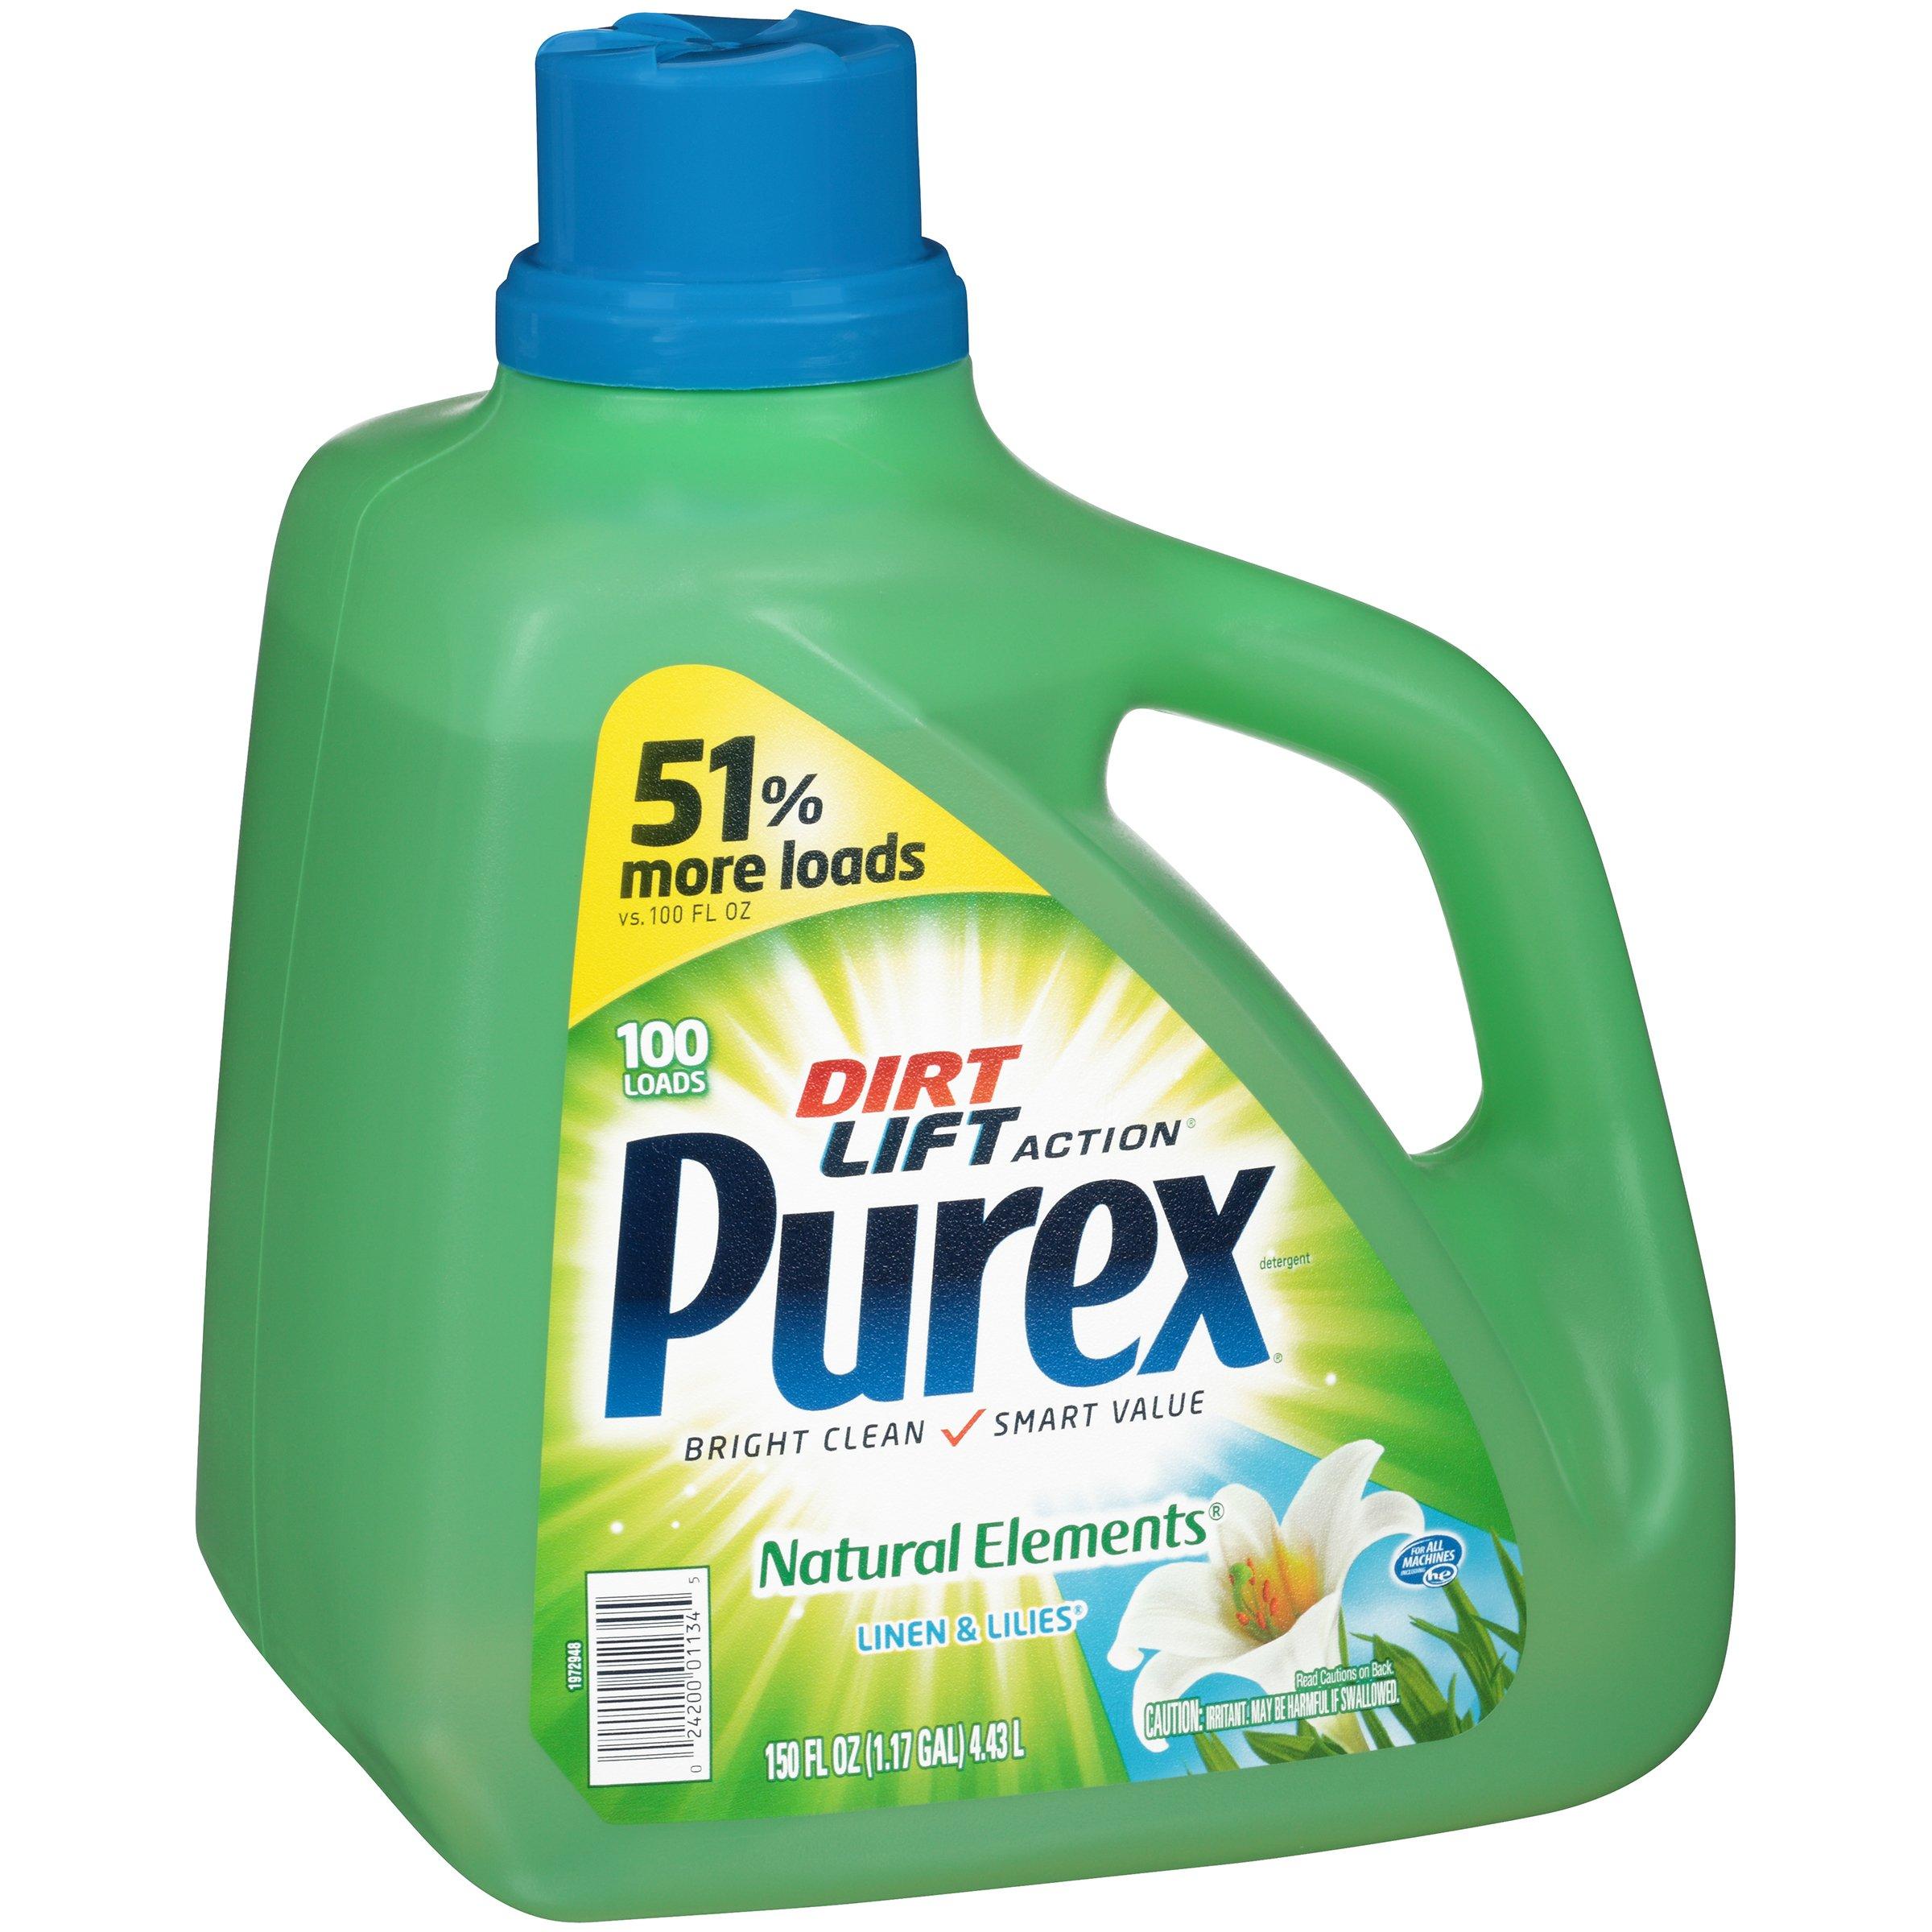 Purex Liquid Laundry Detergent, Natural Elements Linen & Lilies, 150 oz (100 loads)